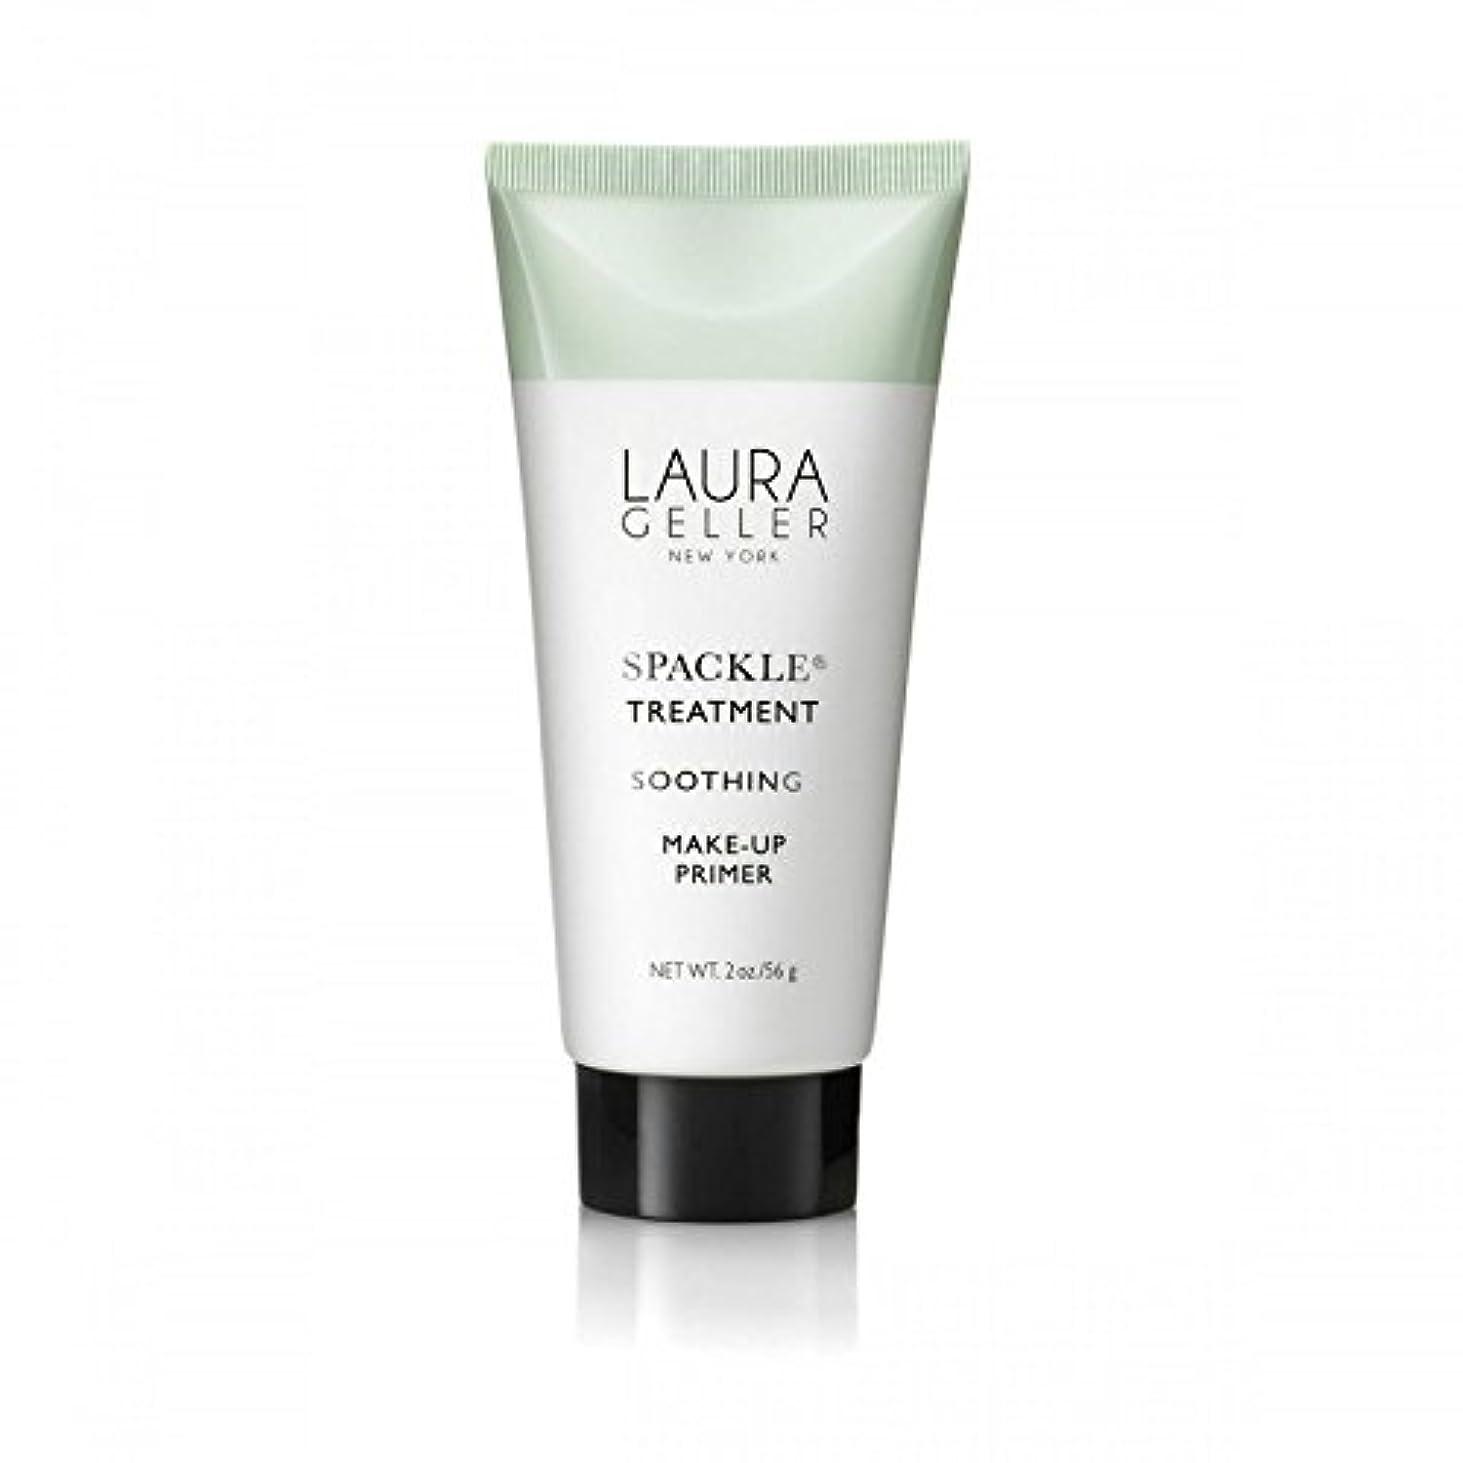 問い合わせすべきカートンLaura Geller Spackle Treatment Under Make-Up Primer Soothing - メイクアッププライマー癒しの下のローラ?ゲラー 処理 [並行輸入品]